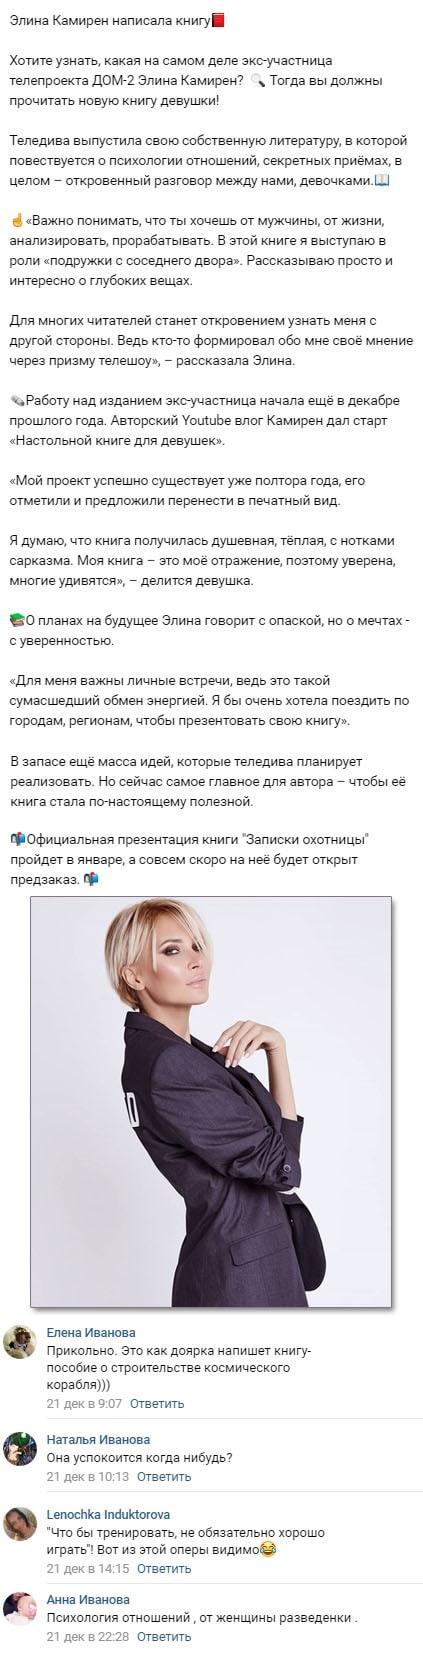 Элина Карякина пошла по стопам Ольги Бузовой на пути к миллионам